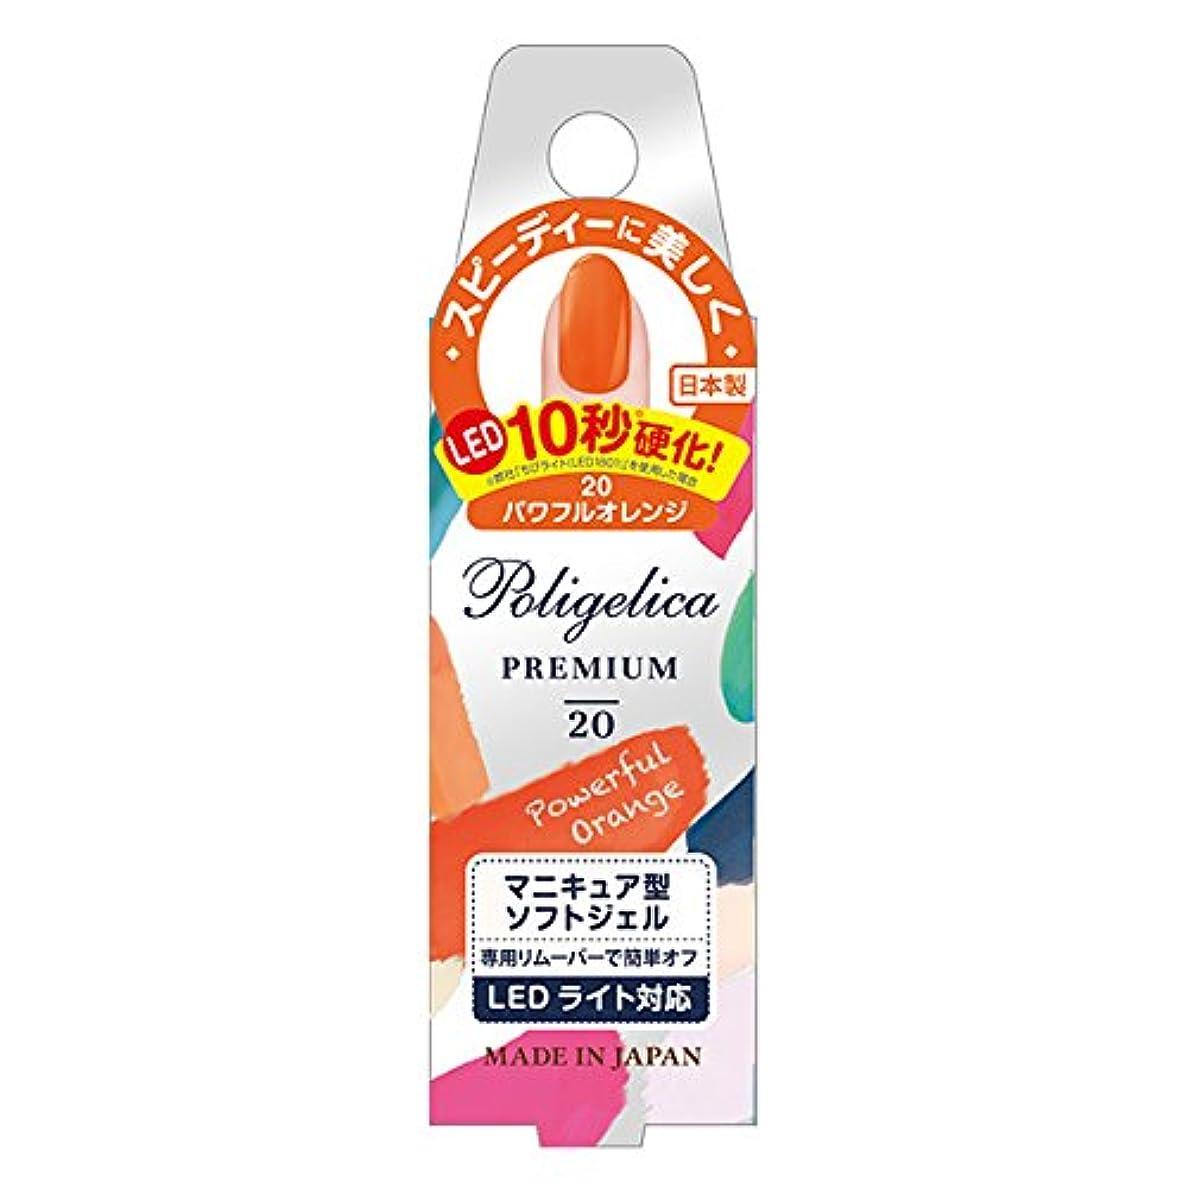 ロッカーショッキング裁判所BW ポリジェリカプレミアム カラージェル APGC 1020 パワフルオレンジ (6g)